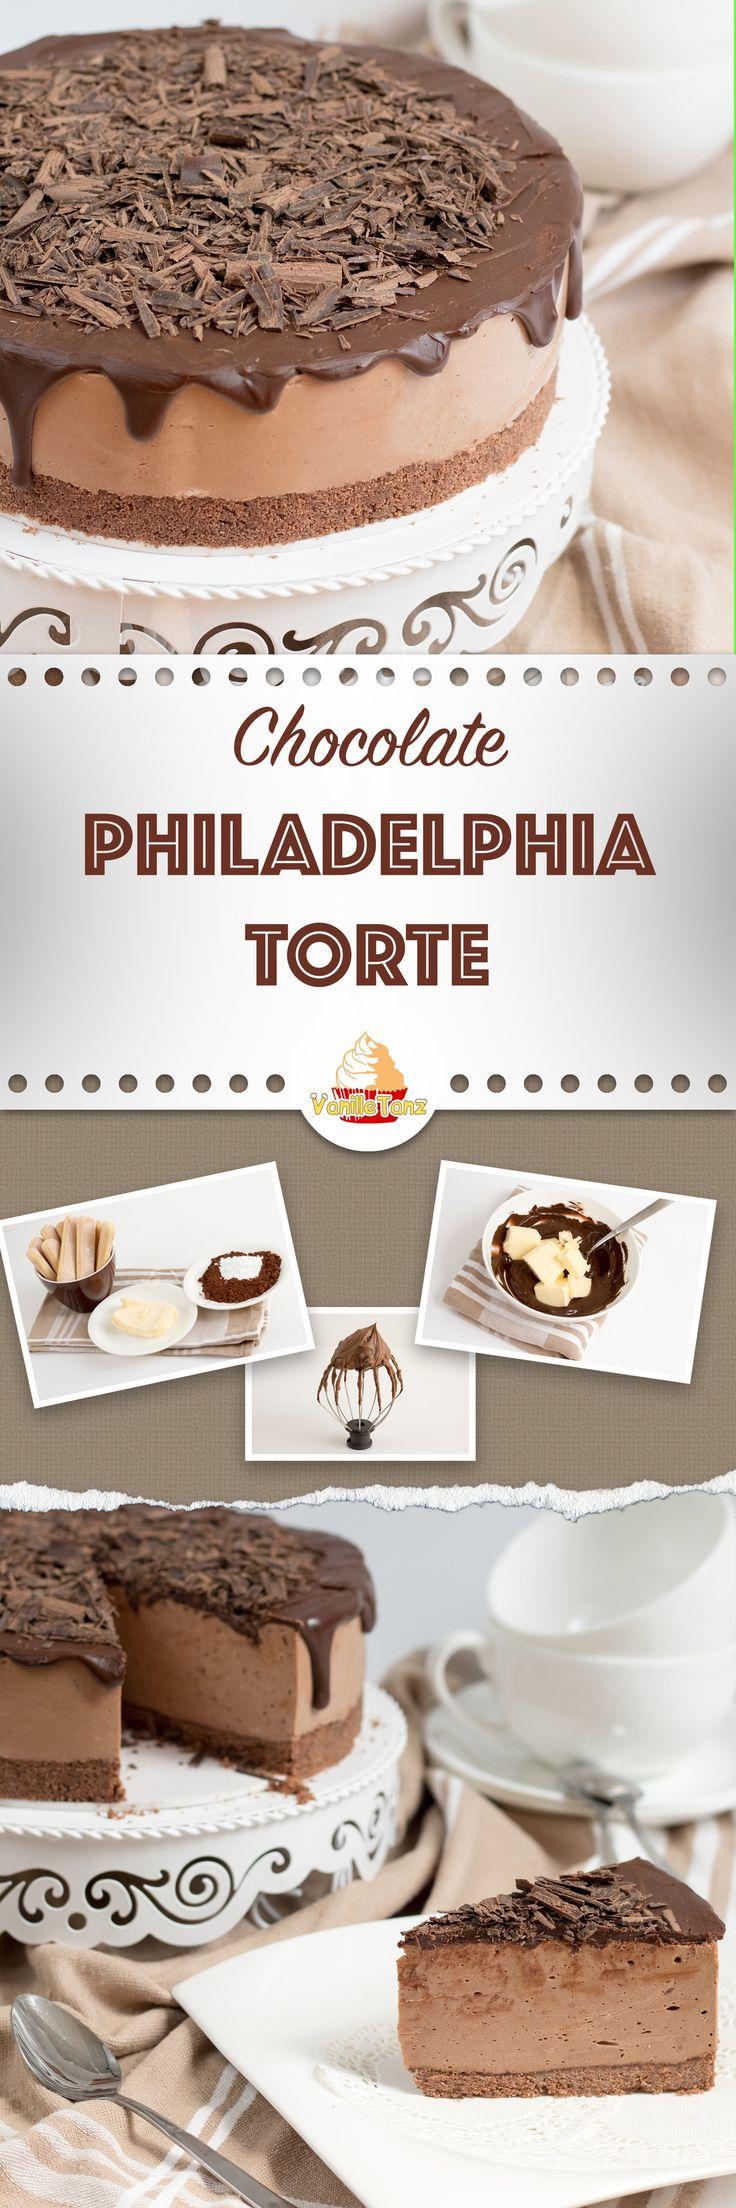 415 besten Schokolade Bilder auf Pinterest | Gebäck, Kaffee und ...